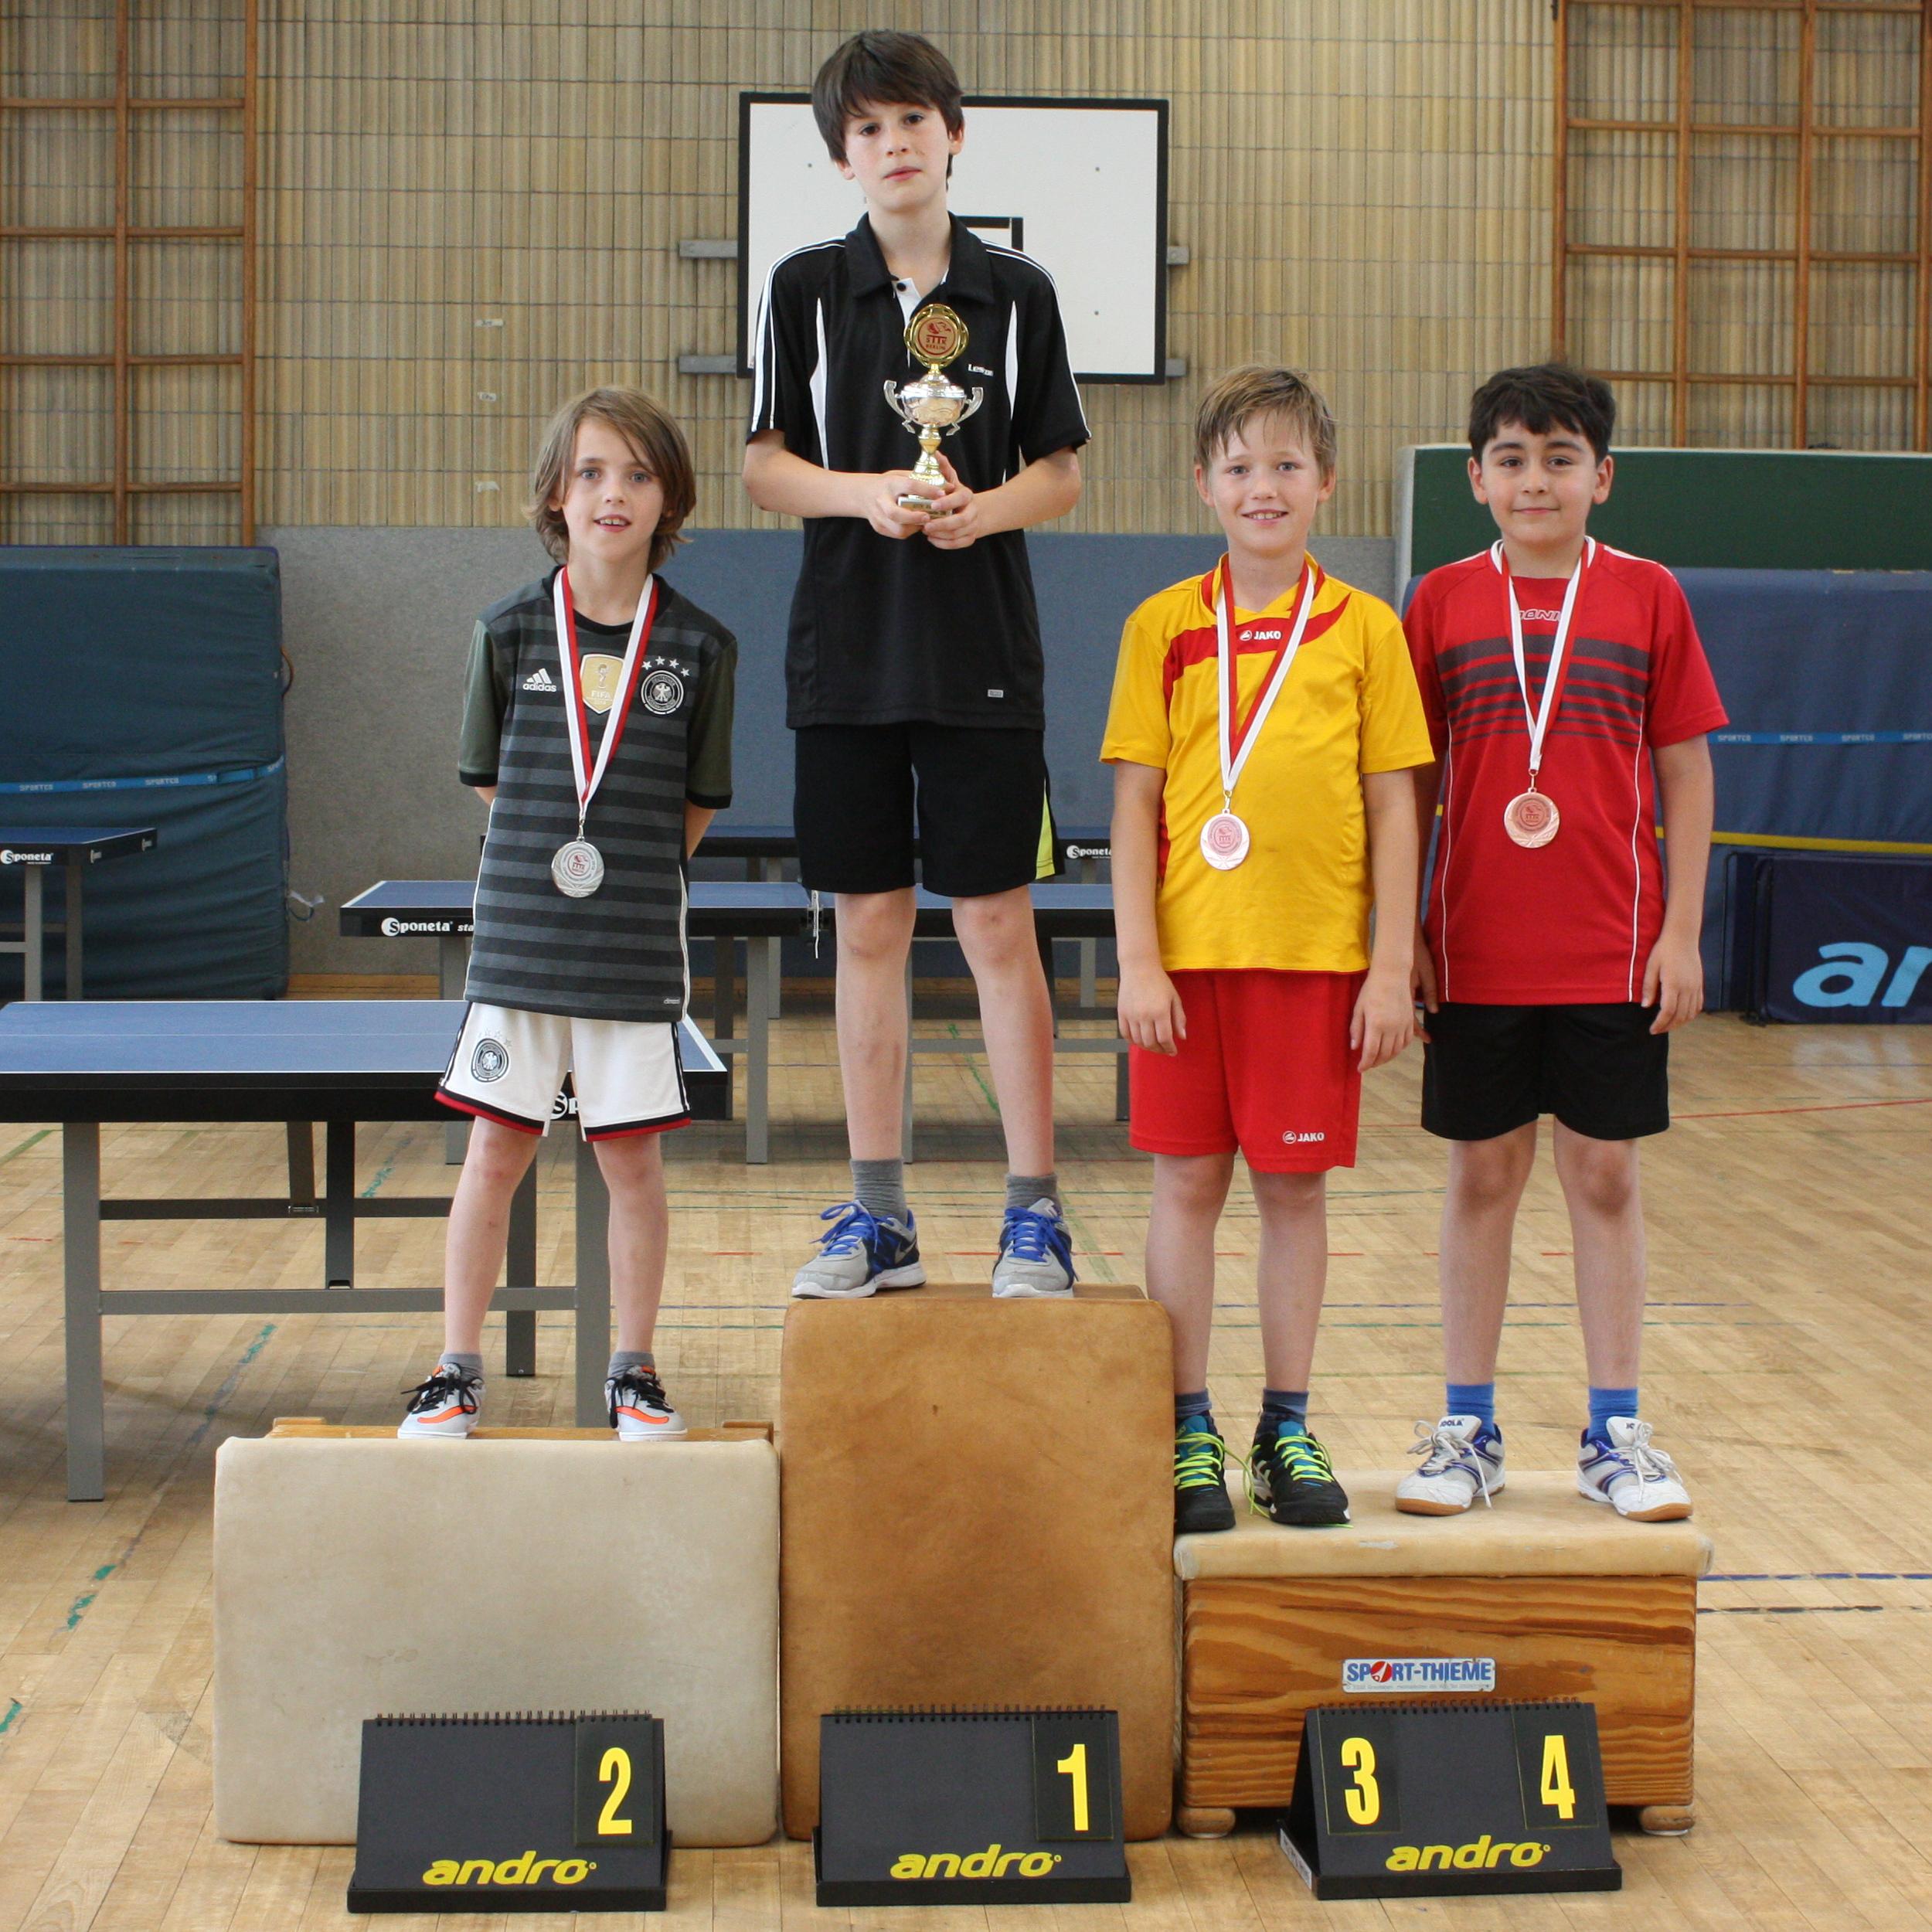 Siegerehrung Einsteiger: 1. Platz: Andreu, 2. Platz: Oscar, 3. Plätze: Jannis, Nawid